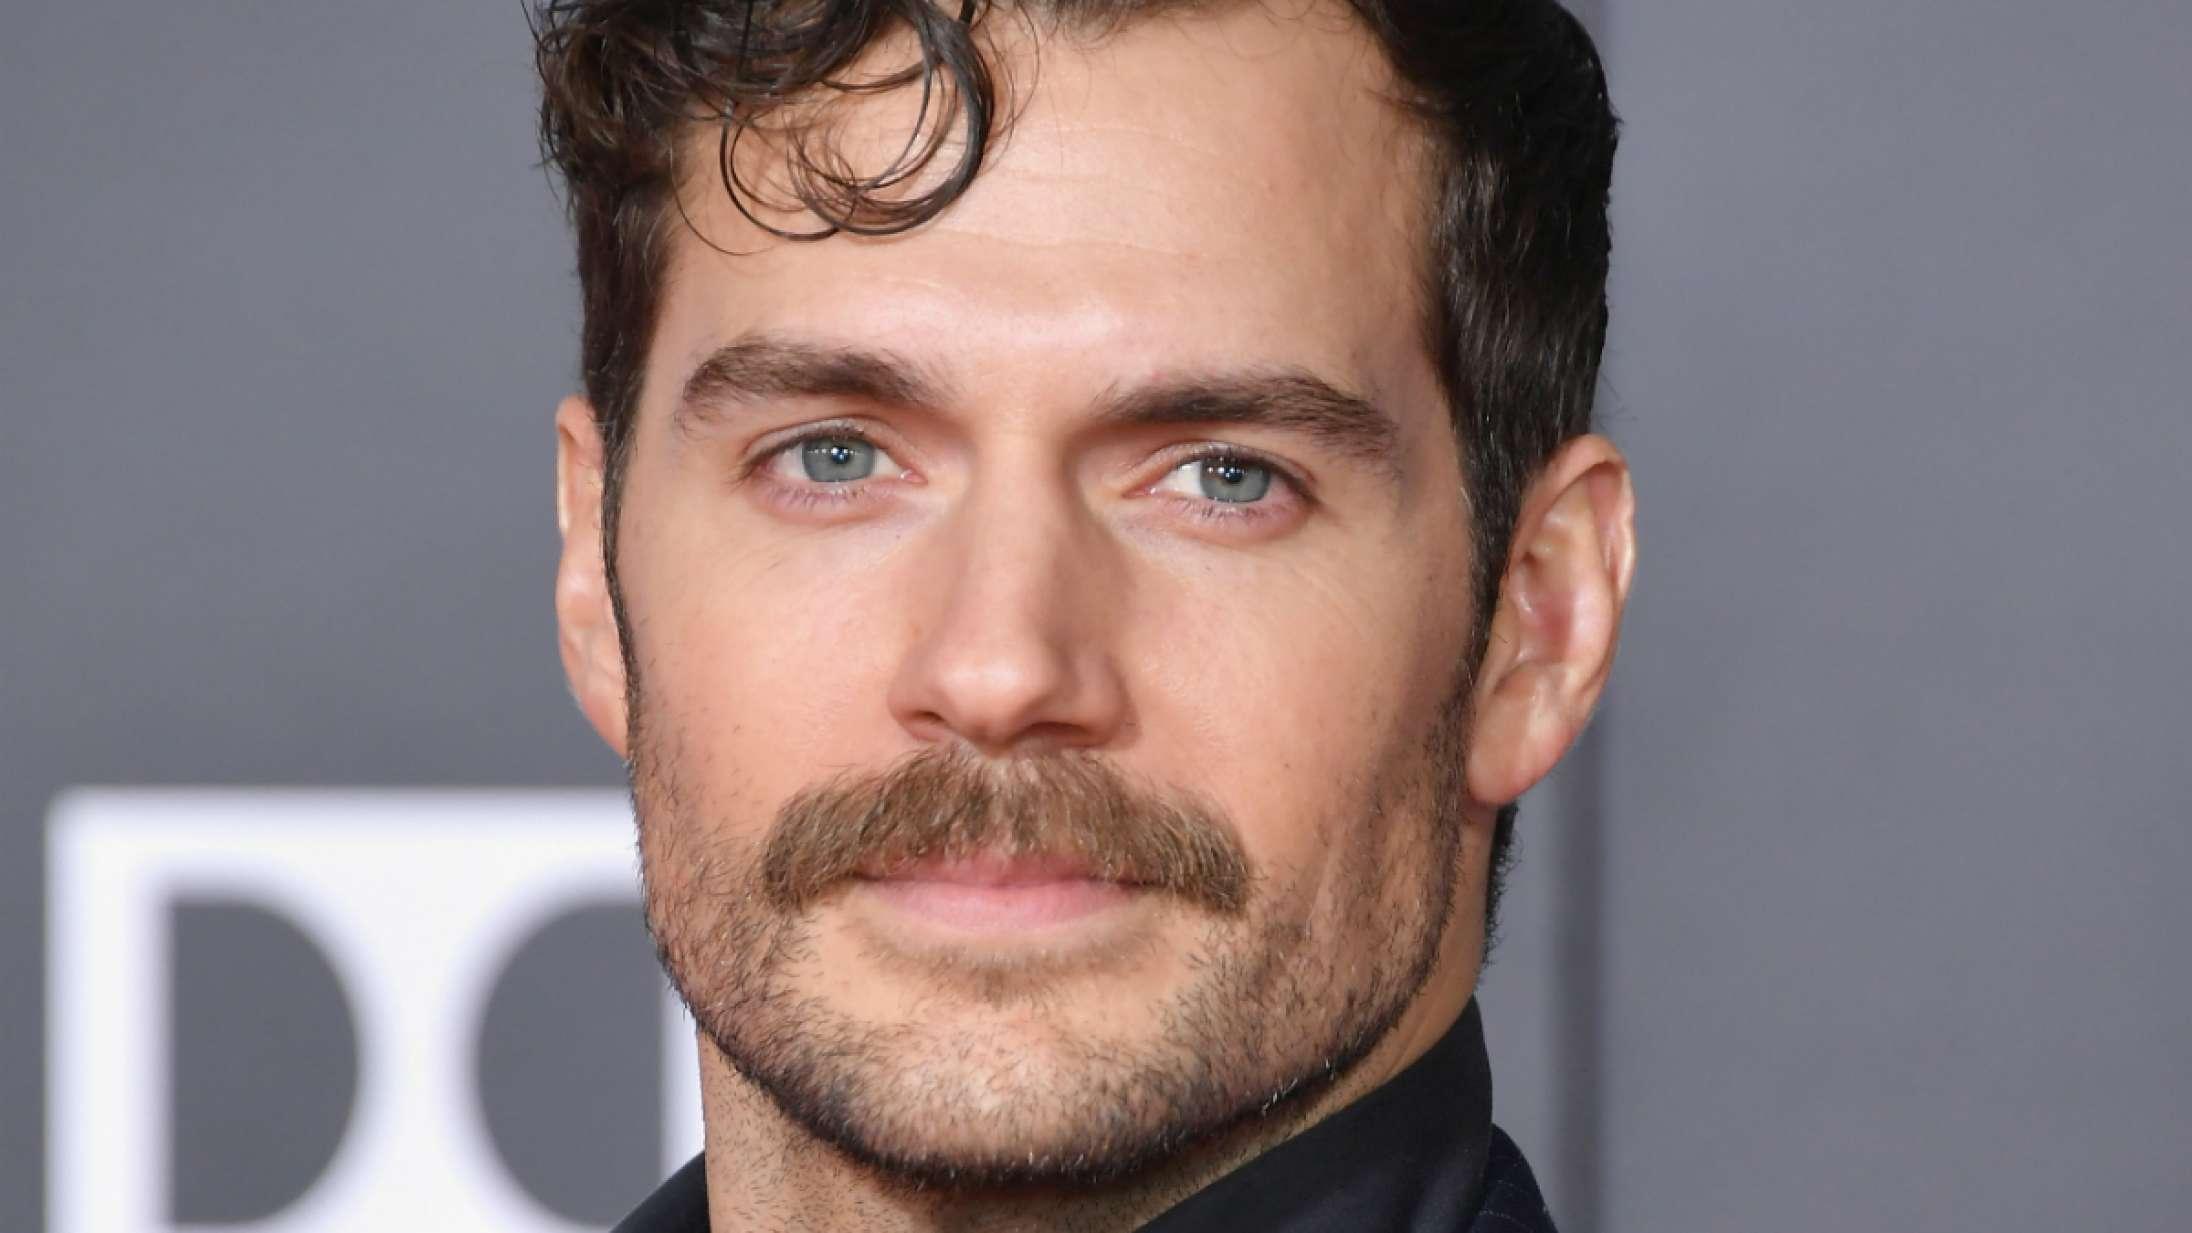 Henry Cavills episke moustache er tilbage i en god sags tjeneste – donerer penge til Movember